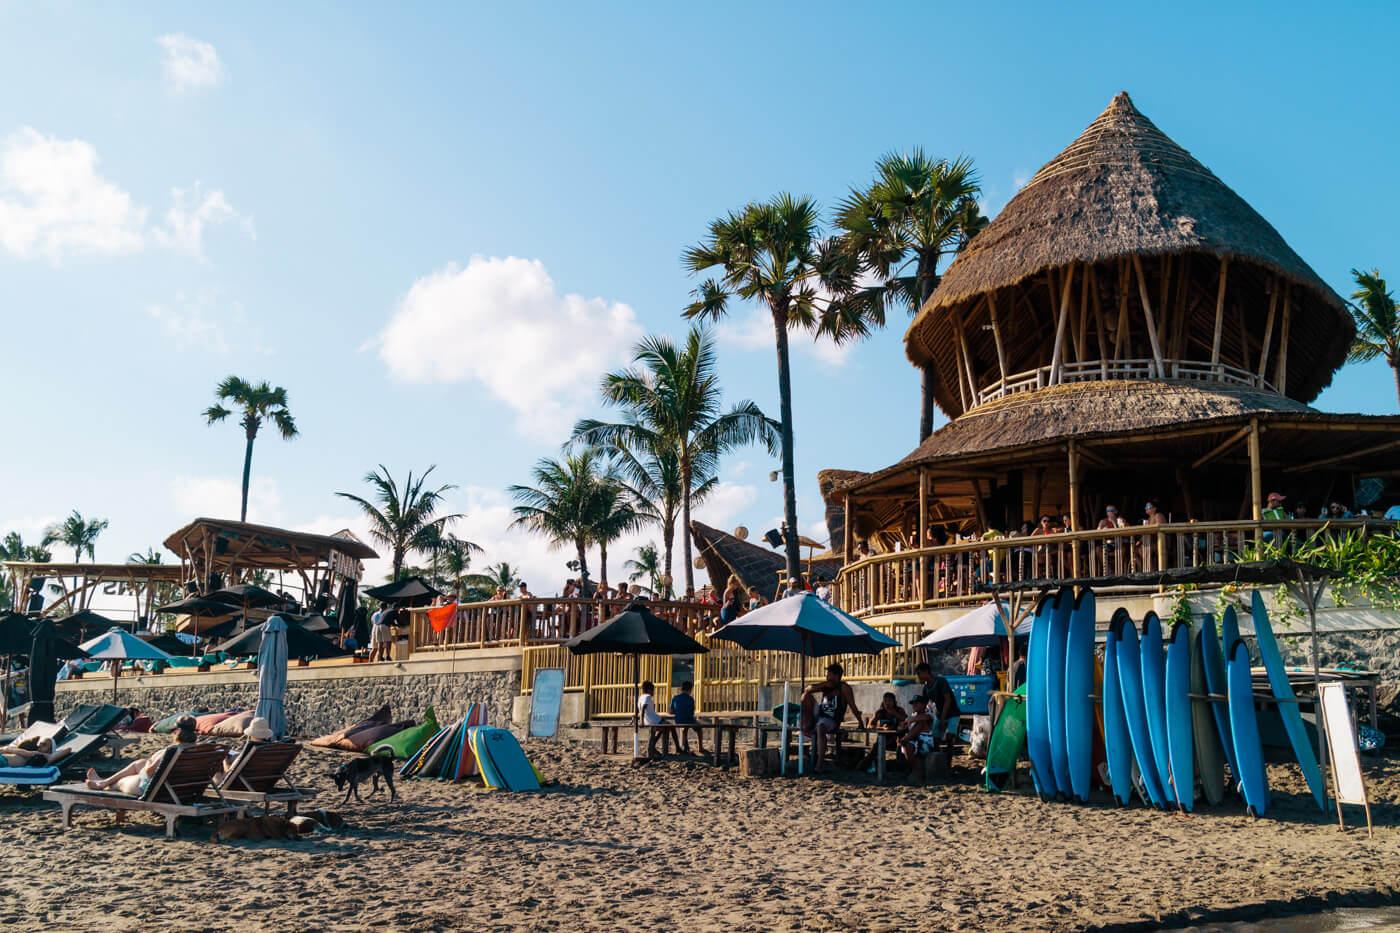 観光客で常に溢れるバリ島のビーチ